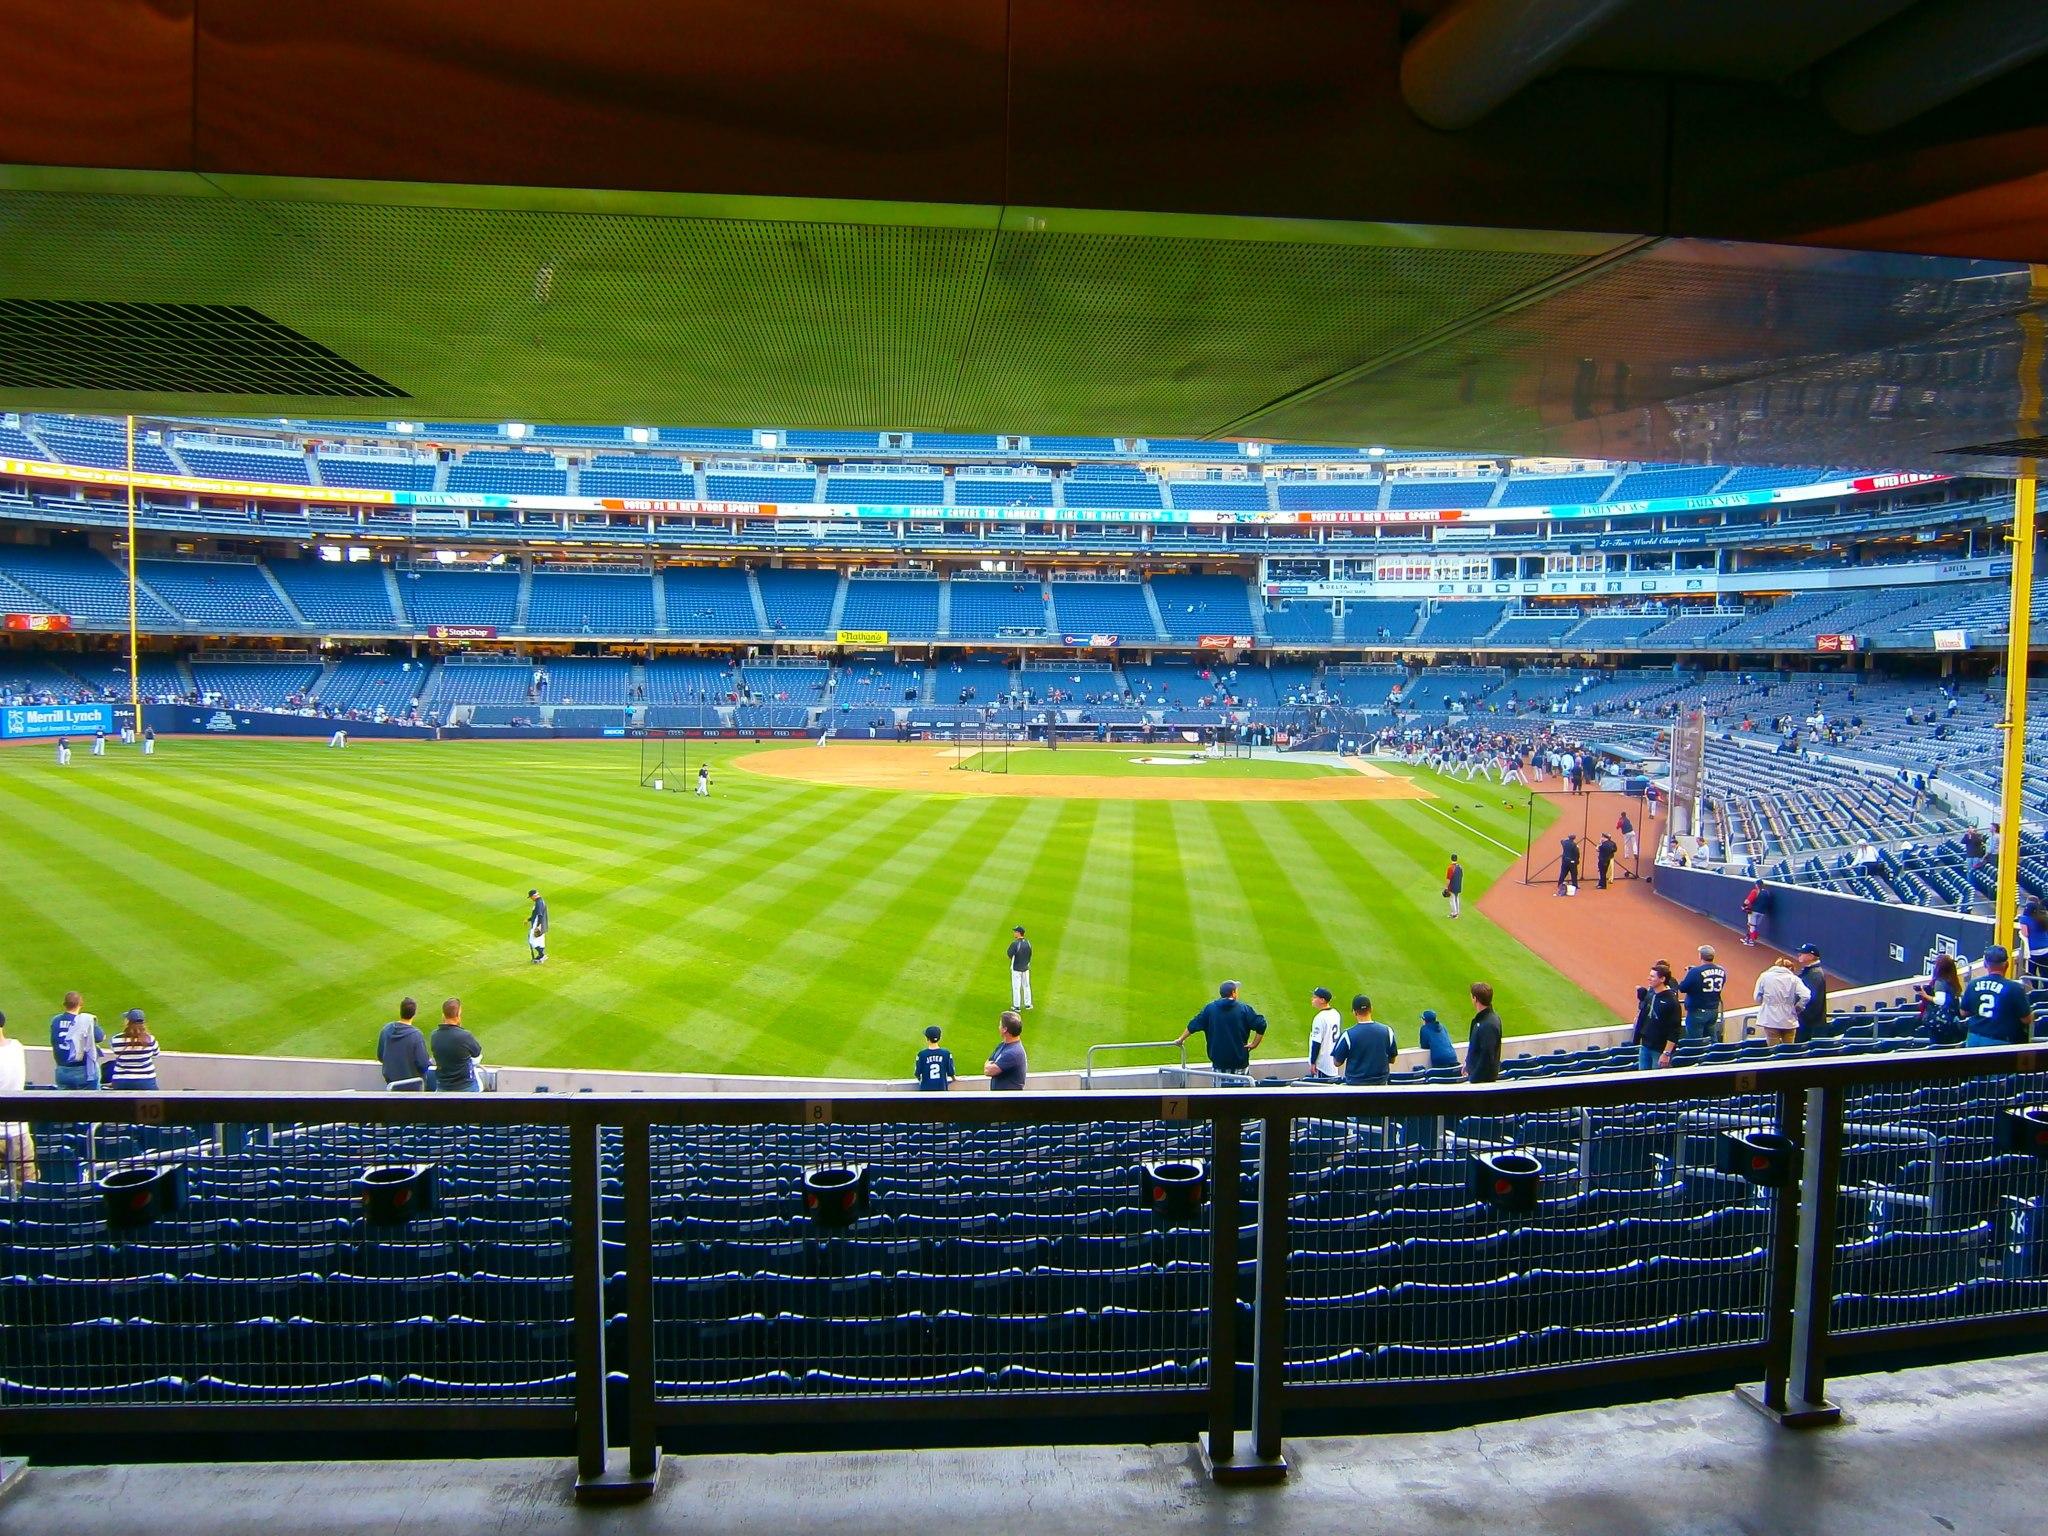 Yankees-Yankee-Stadium-Deck-Seating